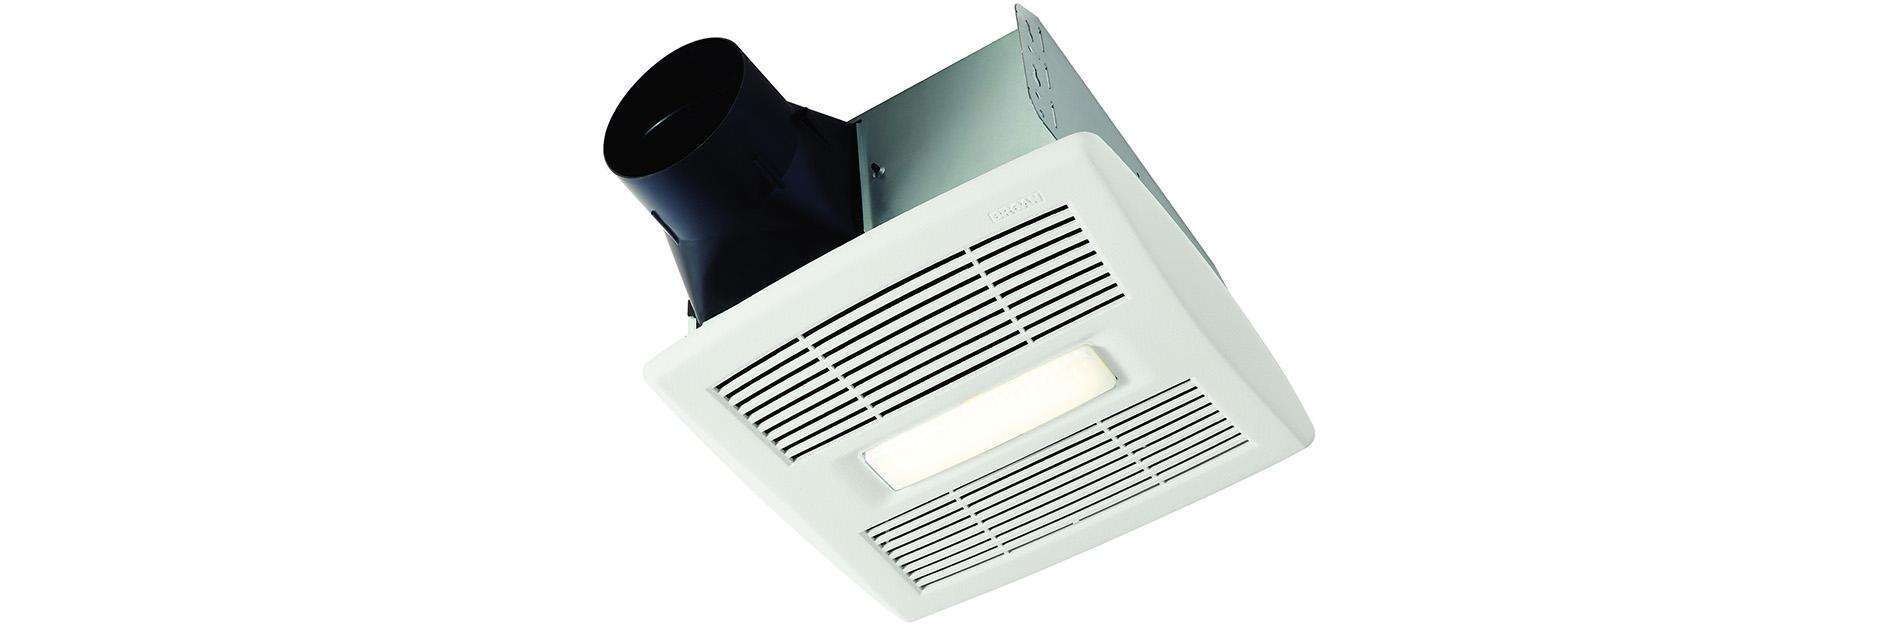 Un ventilateur de salle de bains pas comme les autres for Ventilateur de salle de bain nutone